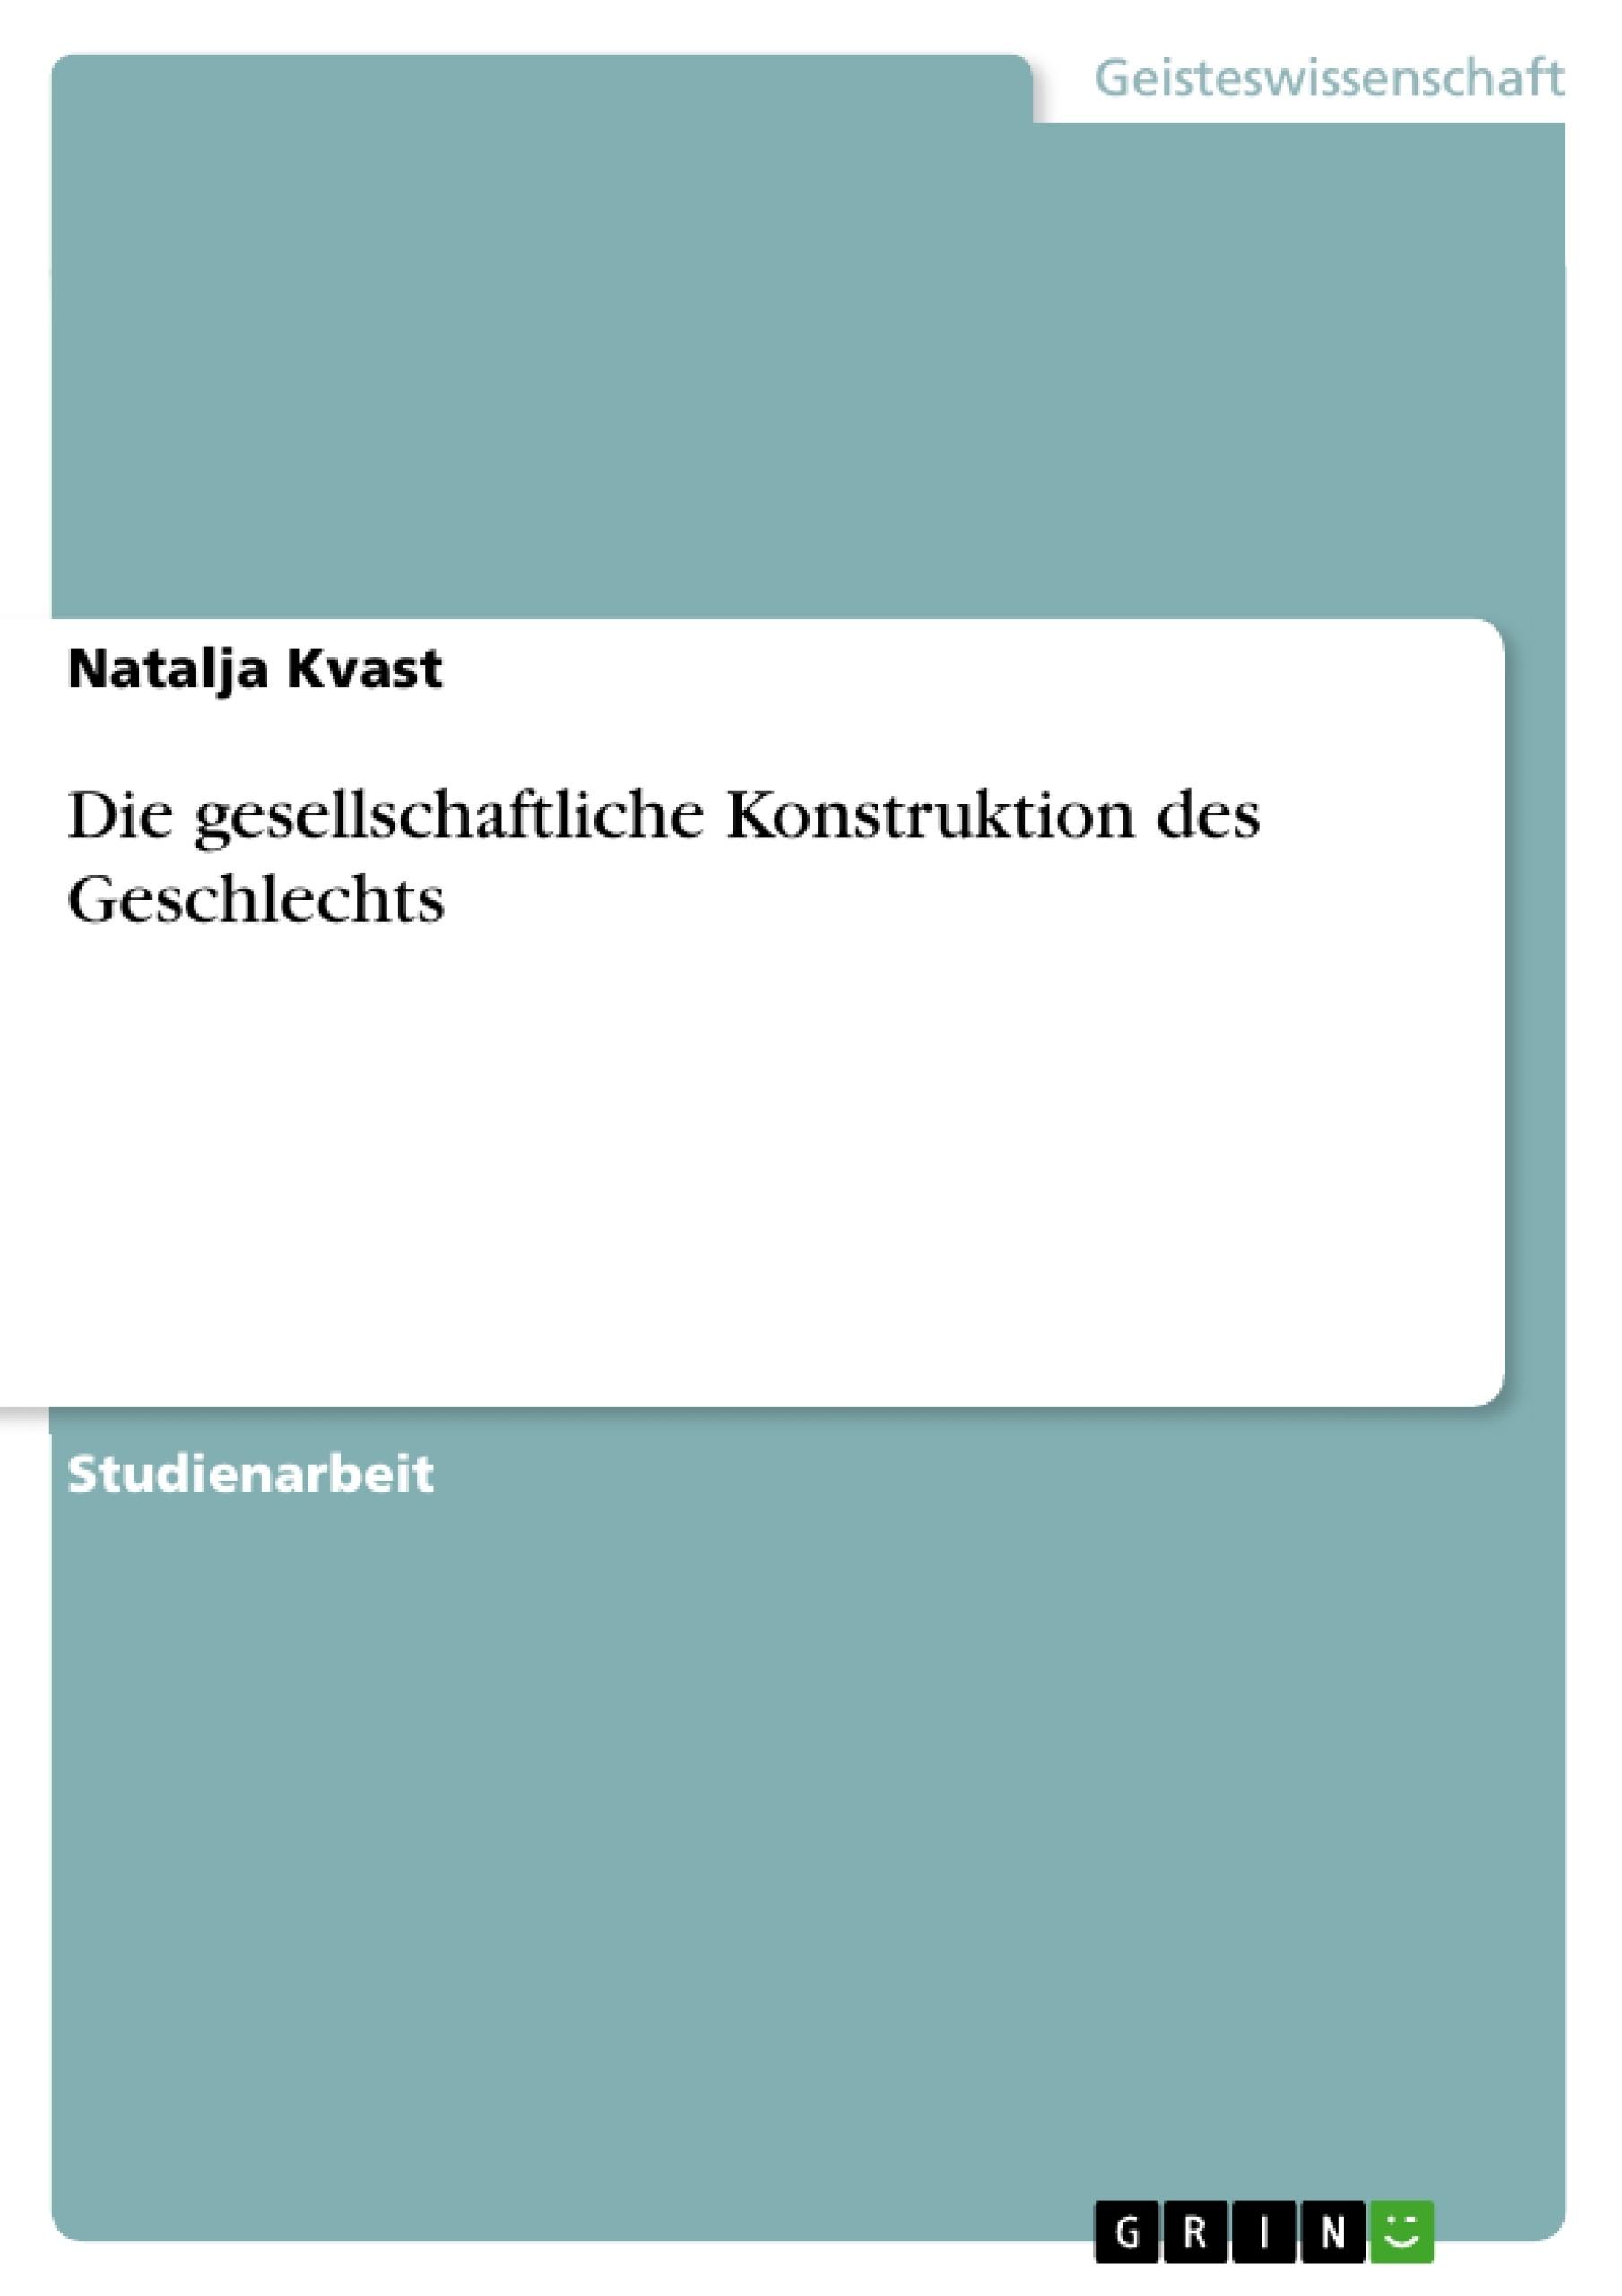 Titel: Die gesellschaftliche Konstruktion des Geschlechts